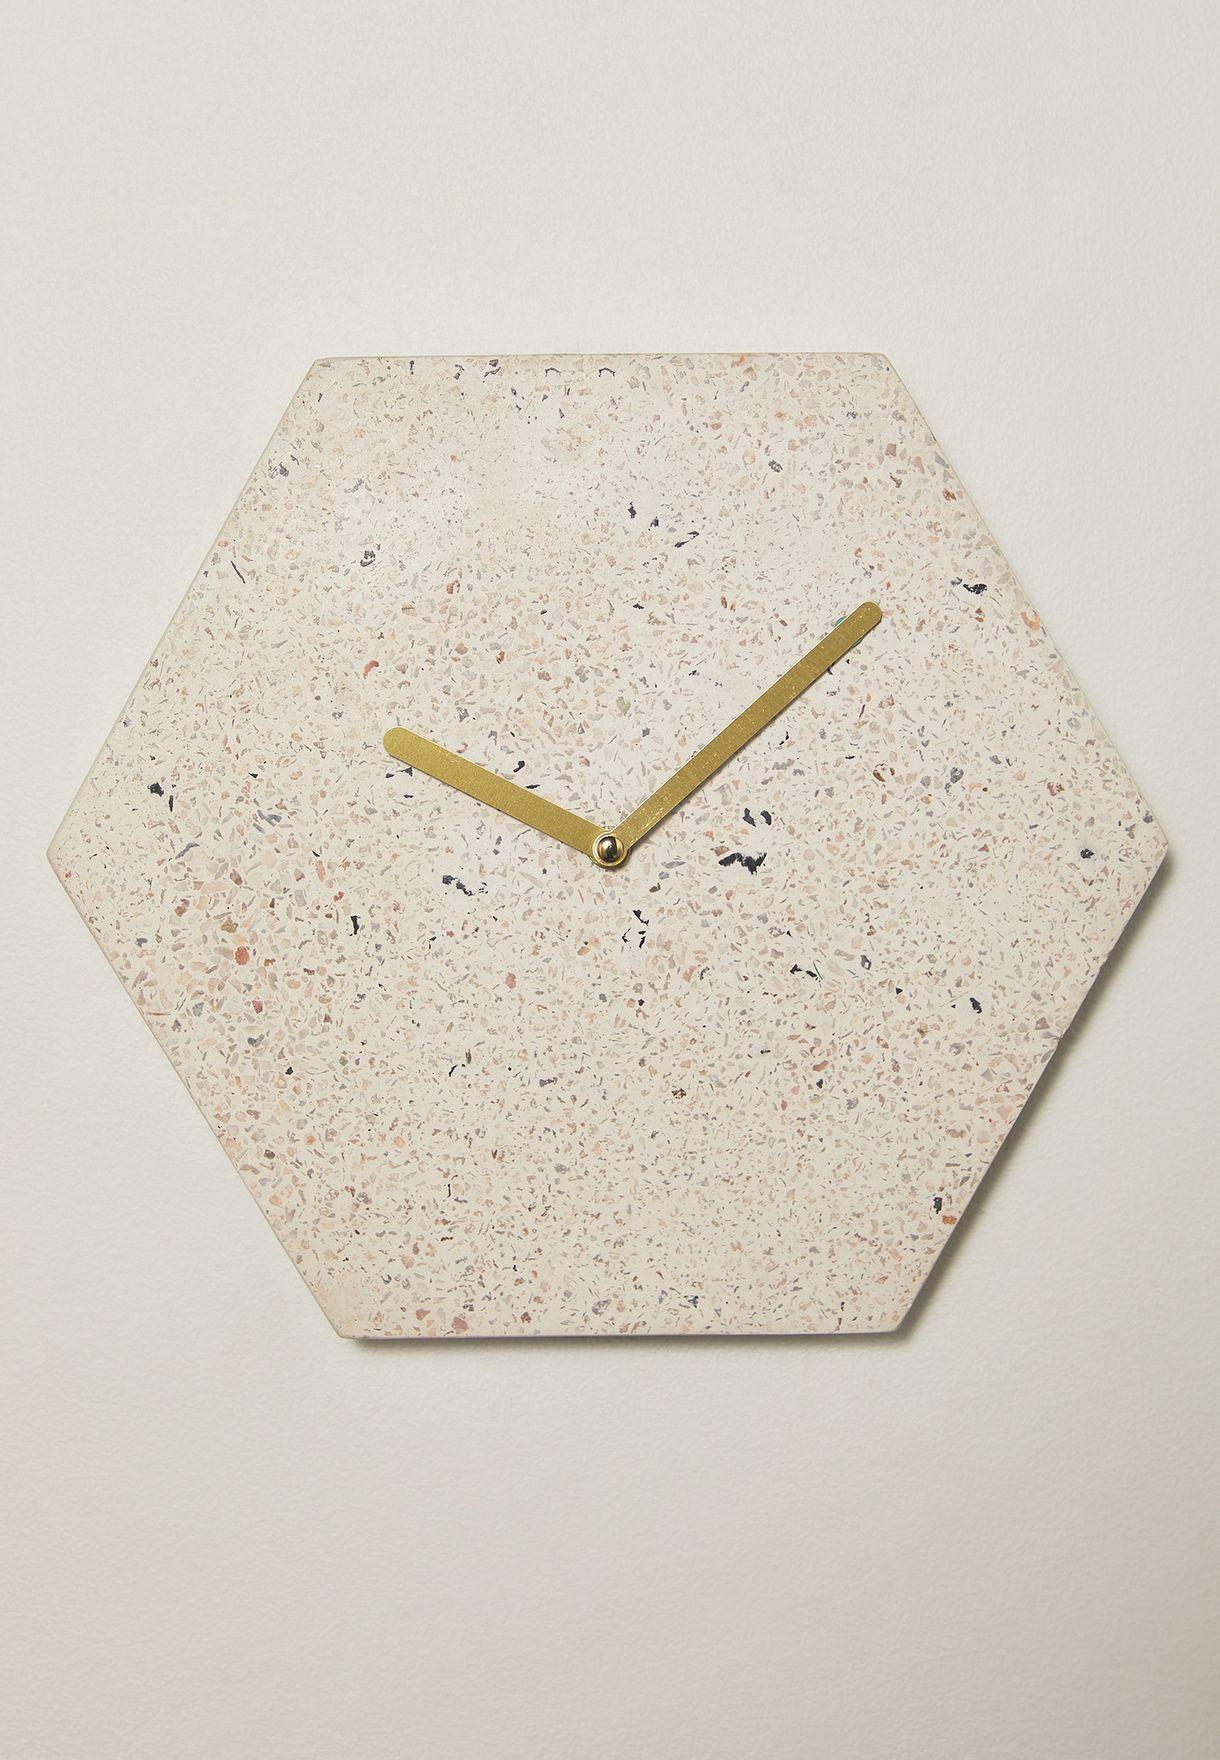 ساعة حائط سداسية الشكل